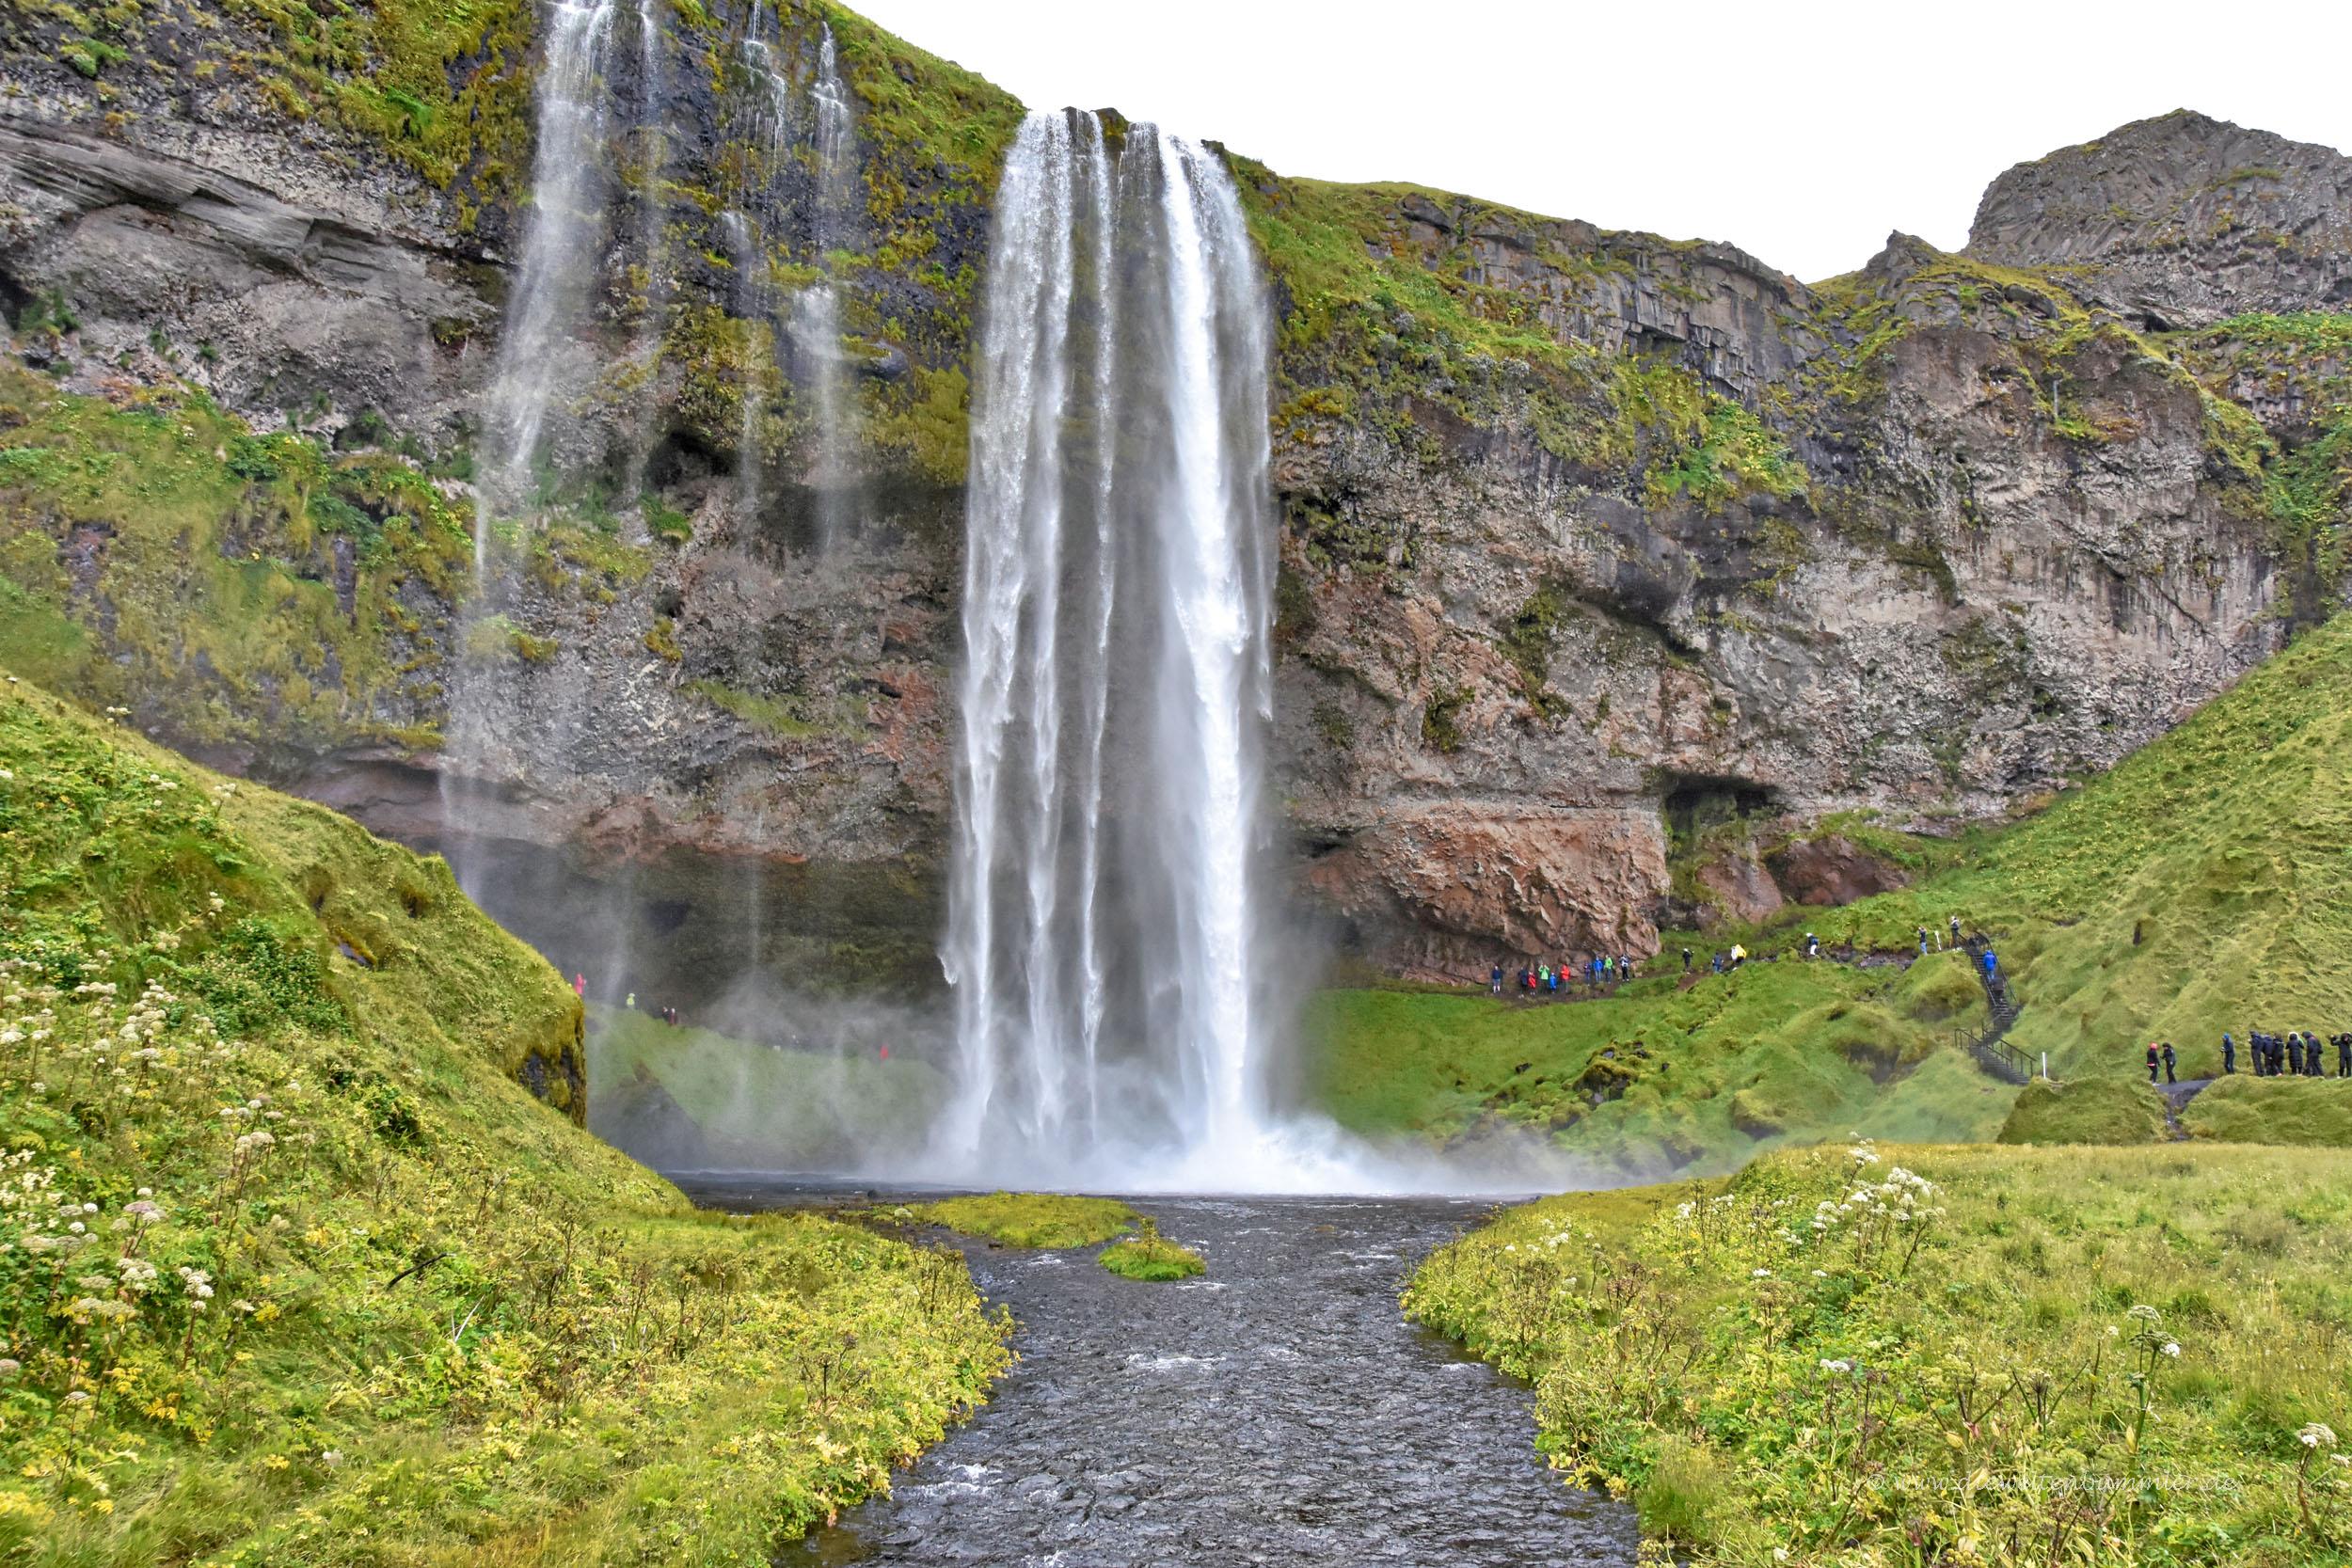 Der Wasserfall befindet sich im Süden von Island